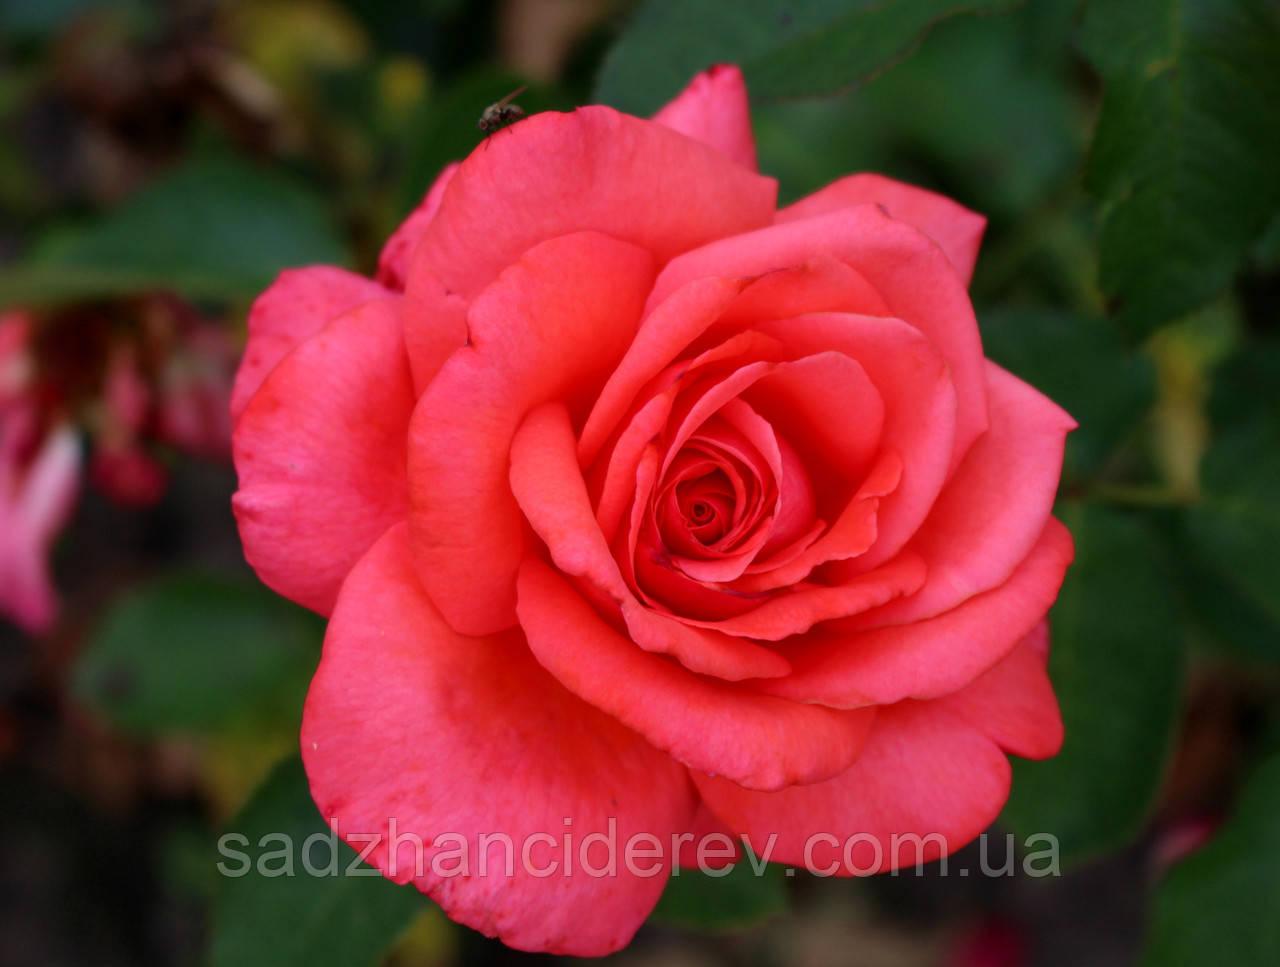 Саджанці троянд Шакіра (Shakira, Шакира)